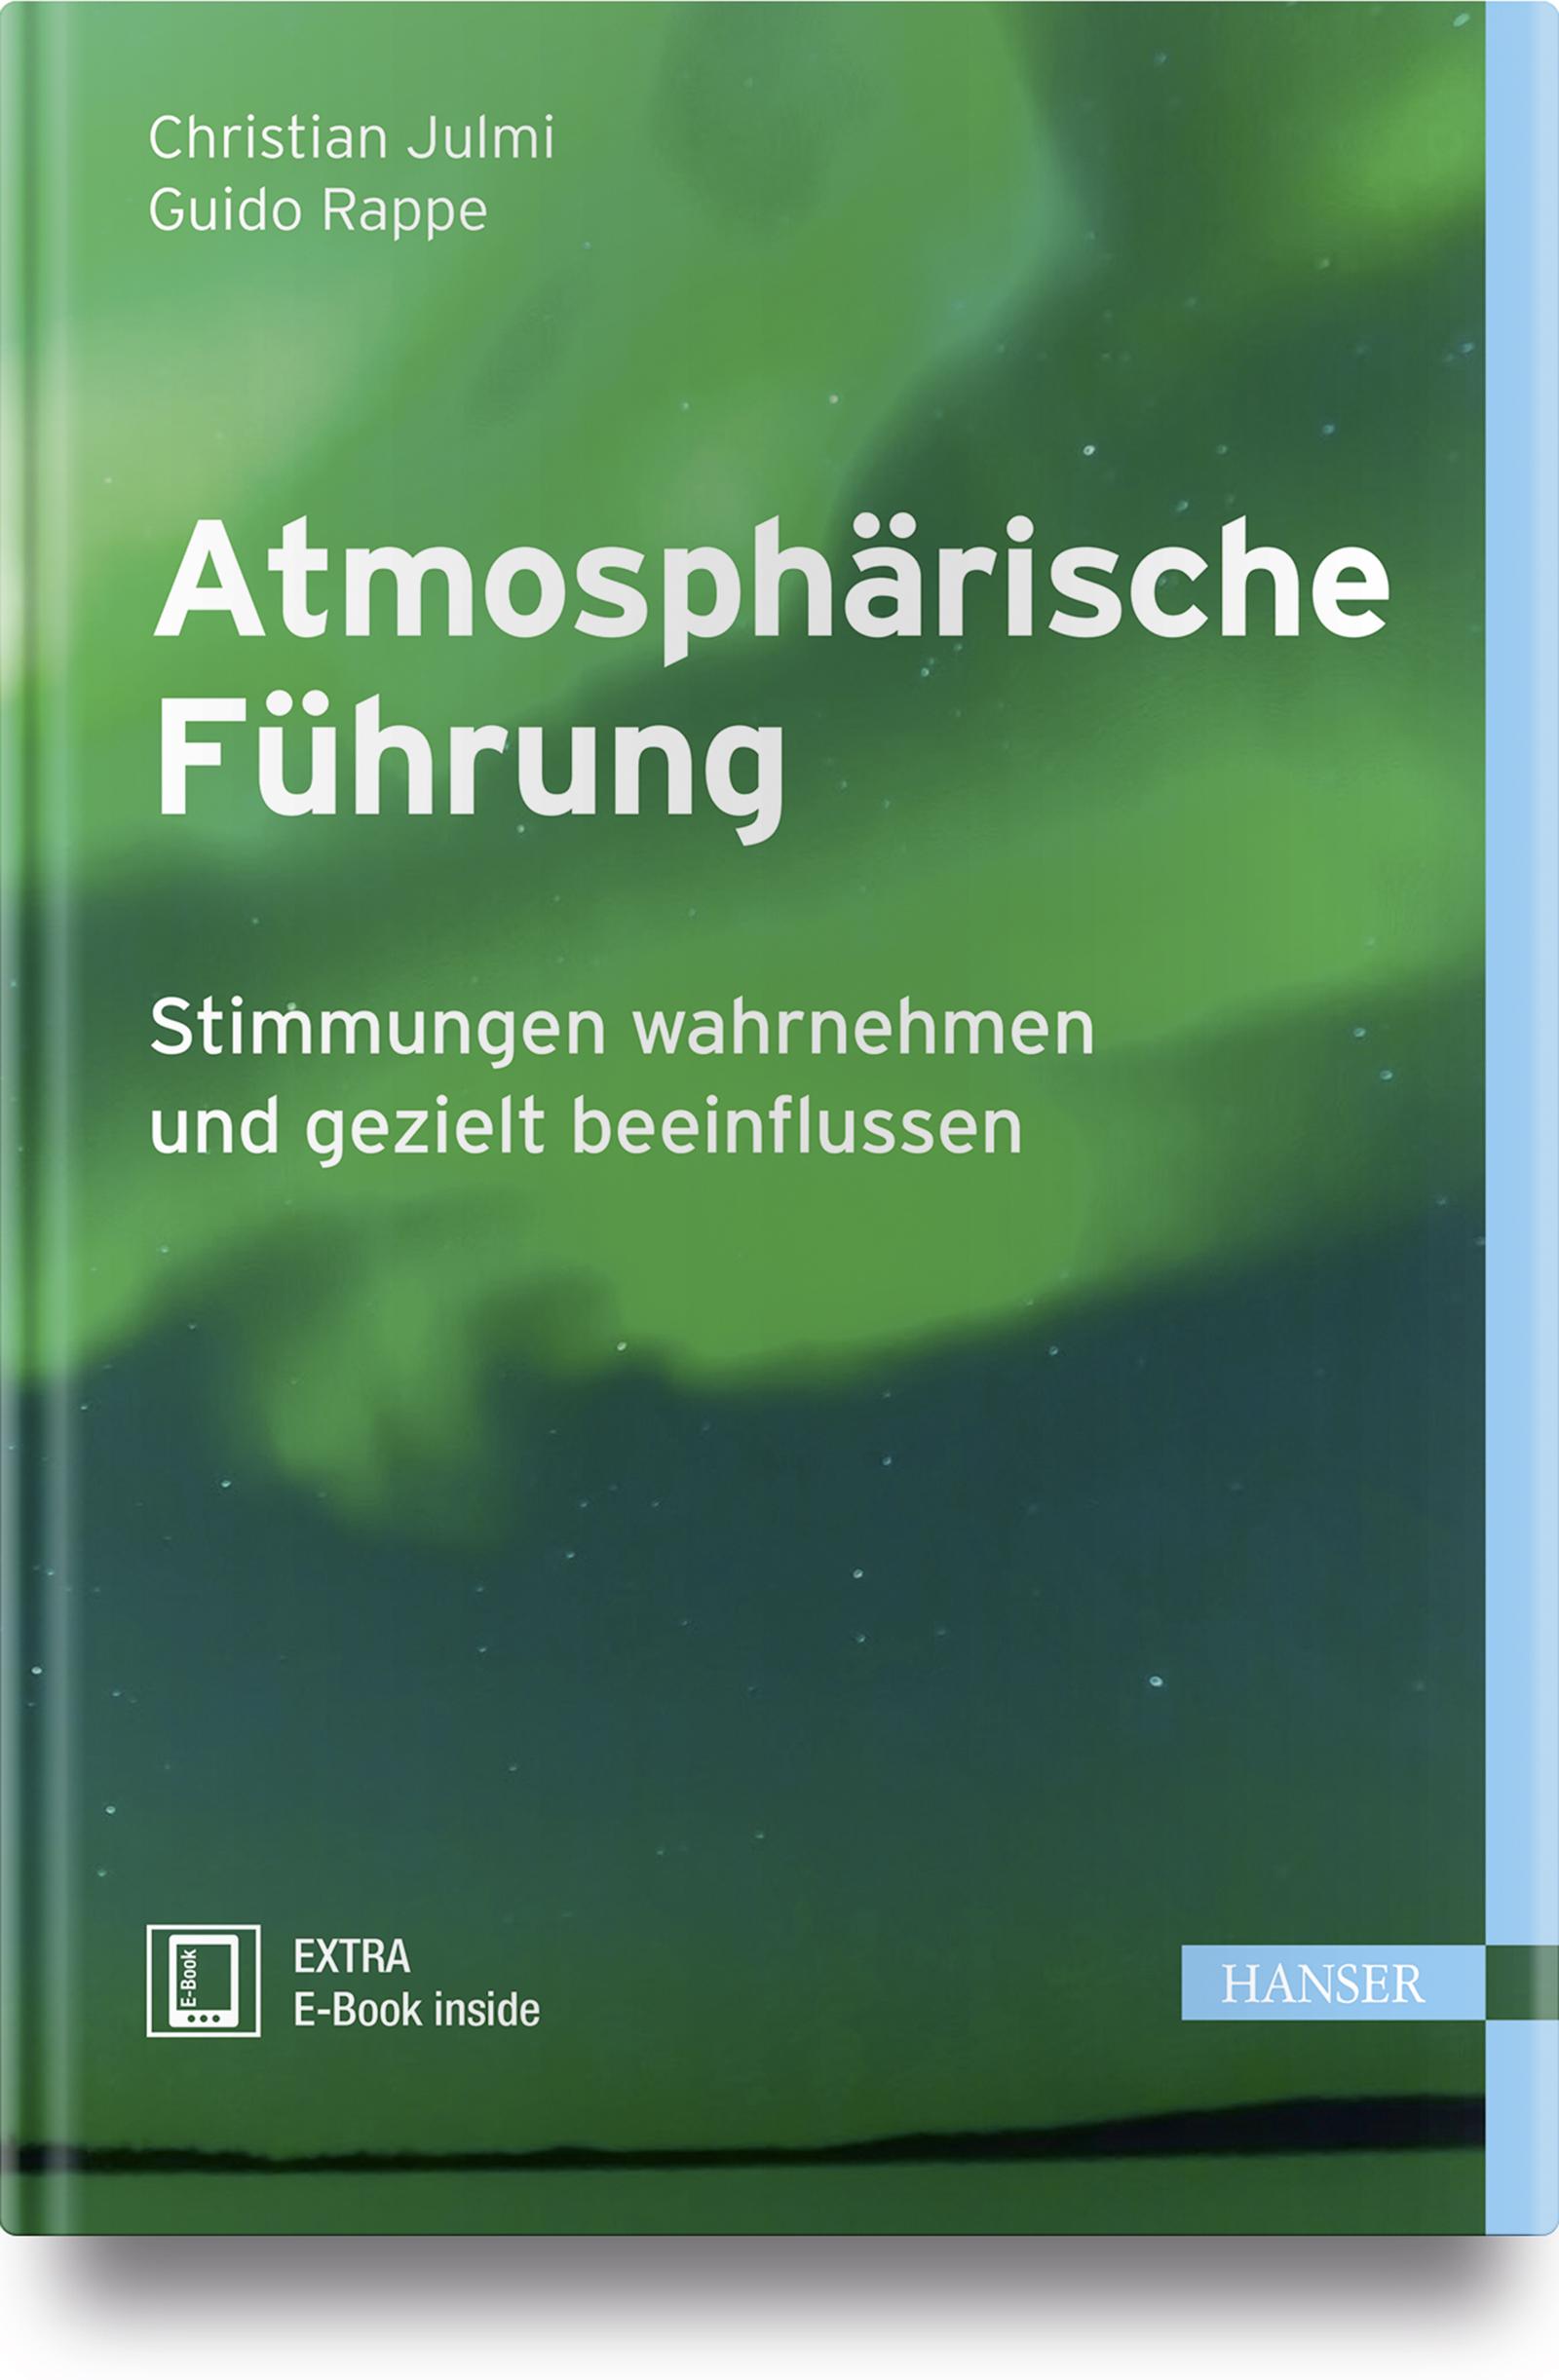 Julmi, Rappe, Atmosphärische Führung, 978-3-446-45477-4